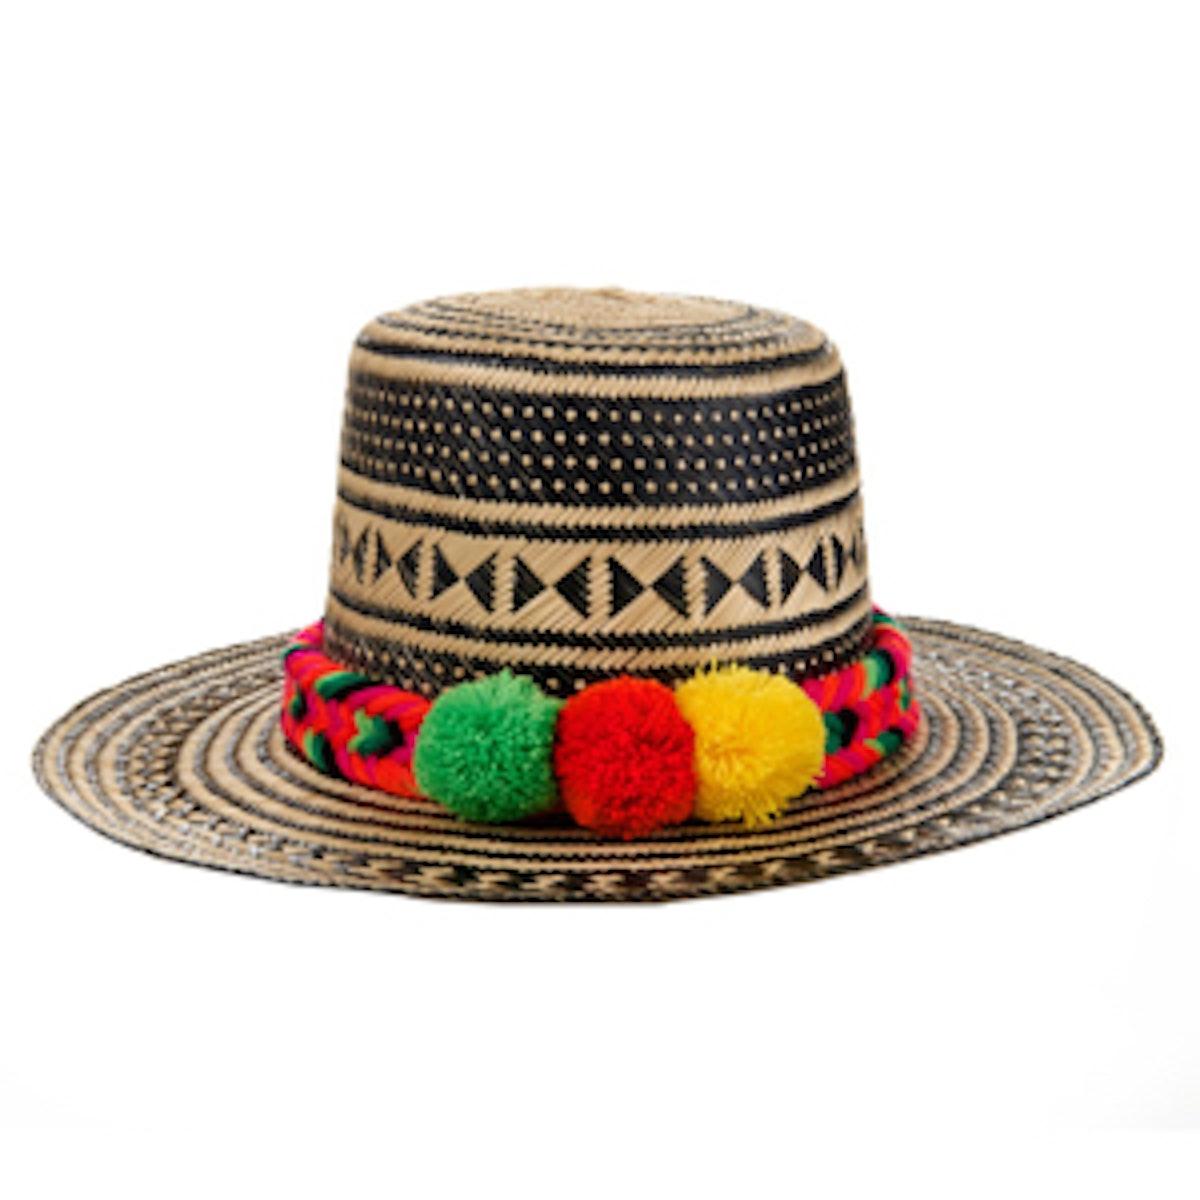 Kalaira Straw Hat